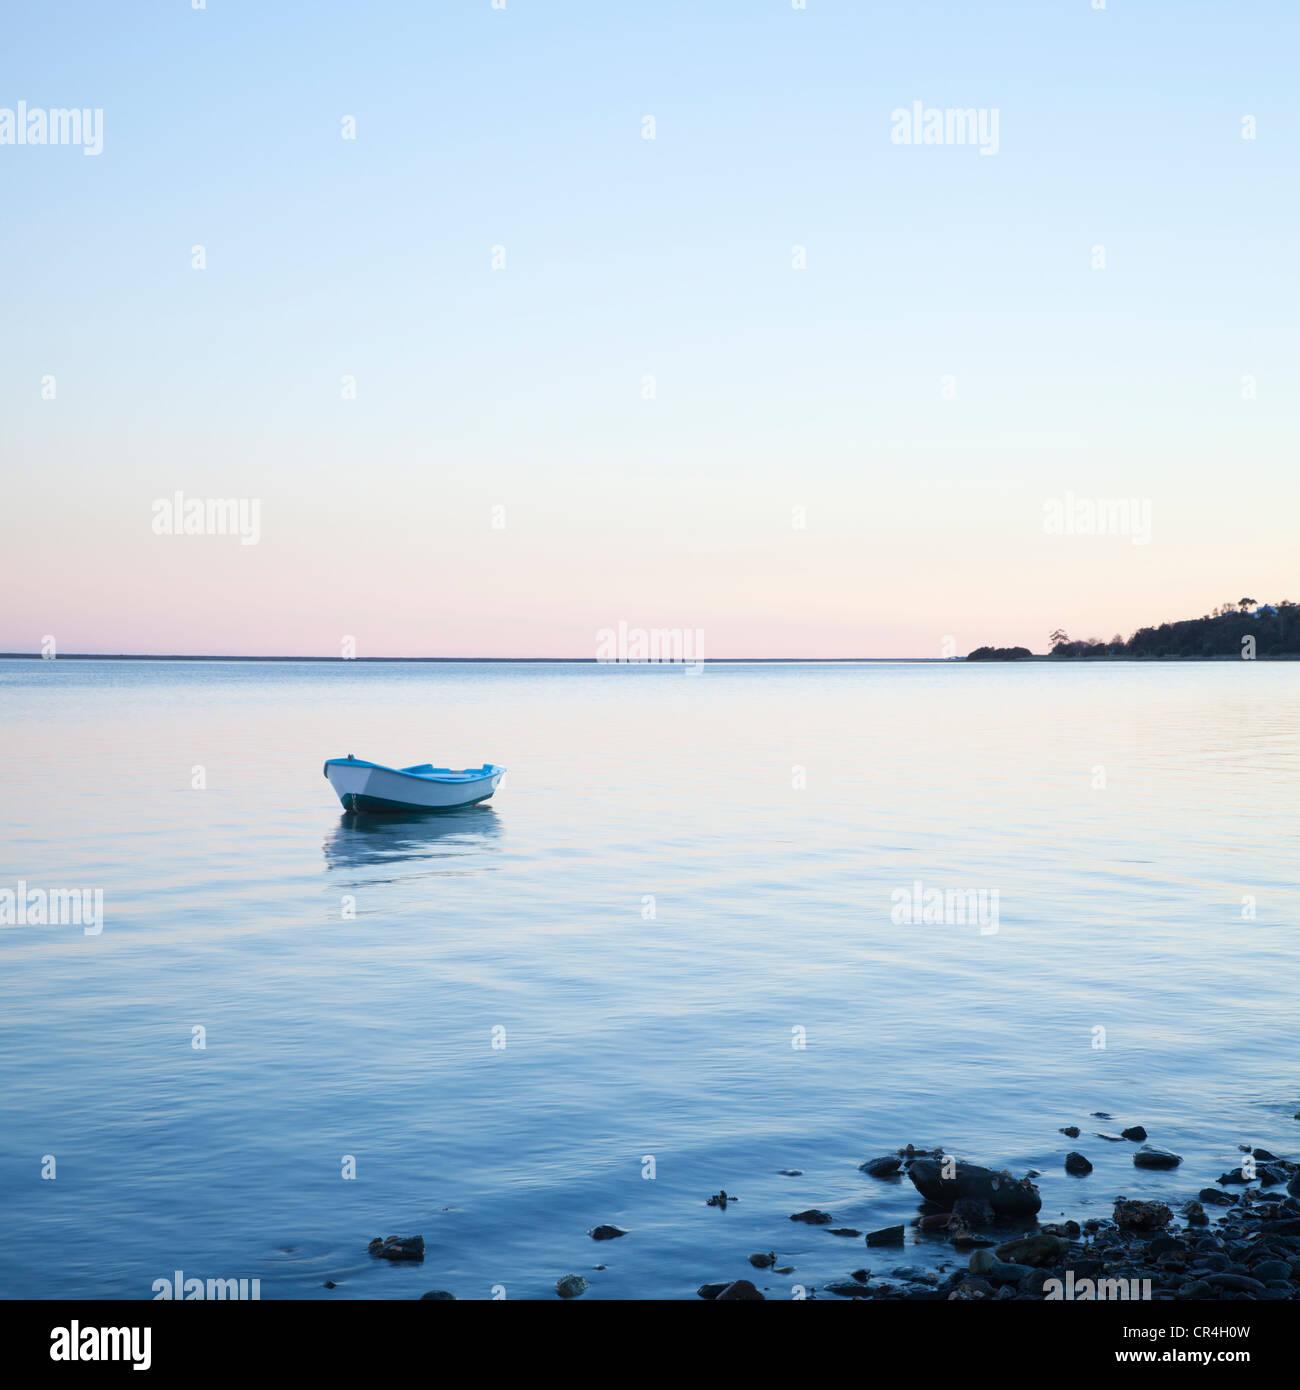 Petit bateau ancré sur de l'eau léchant doucement Photo Stock